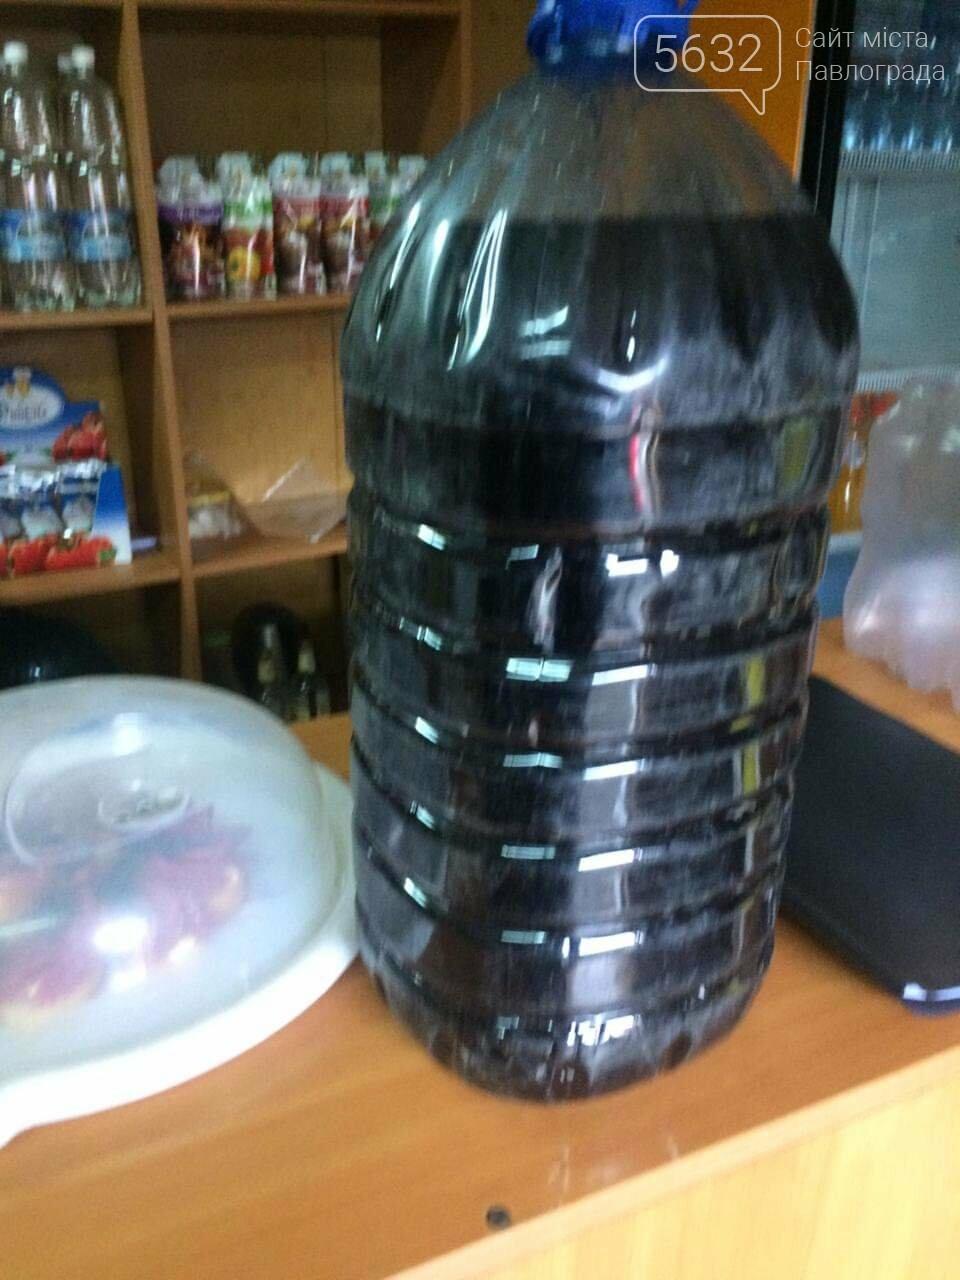 В нескольких магазинах Павлограда продавали водку на разлив и без соответствующих документов, фото-4